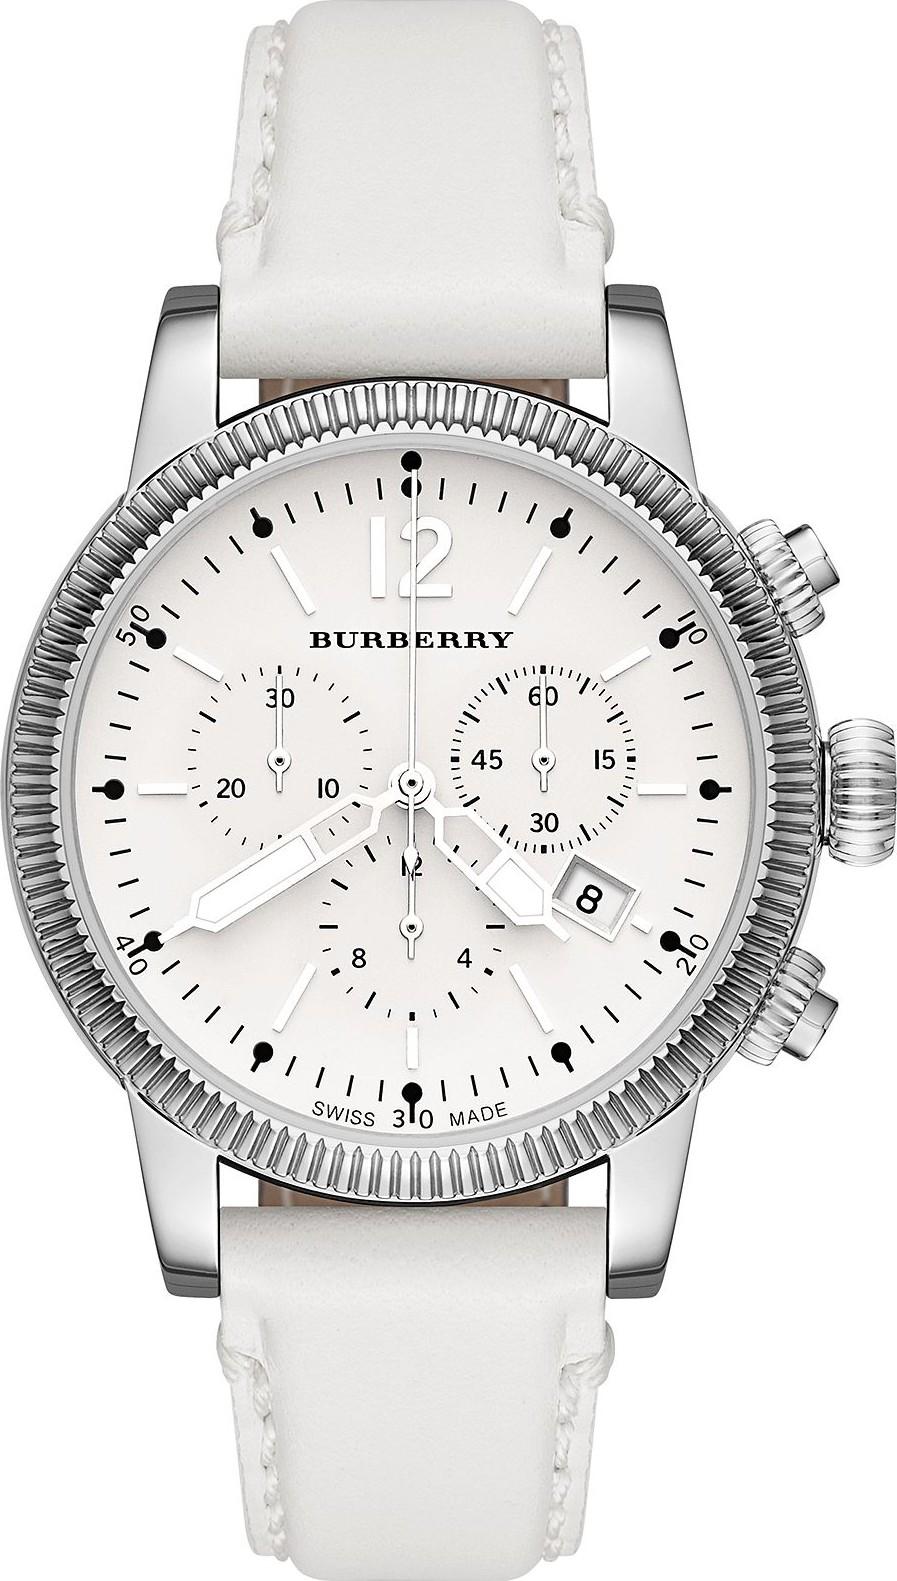 đồng hồ burberry nữ giảm giá